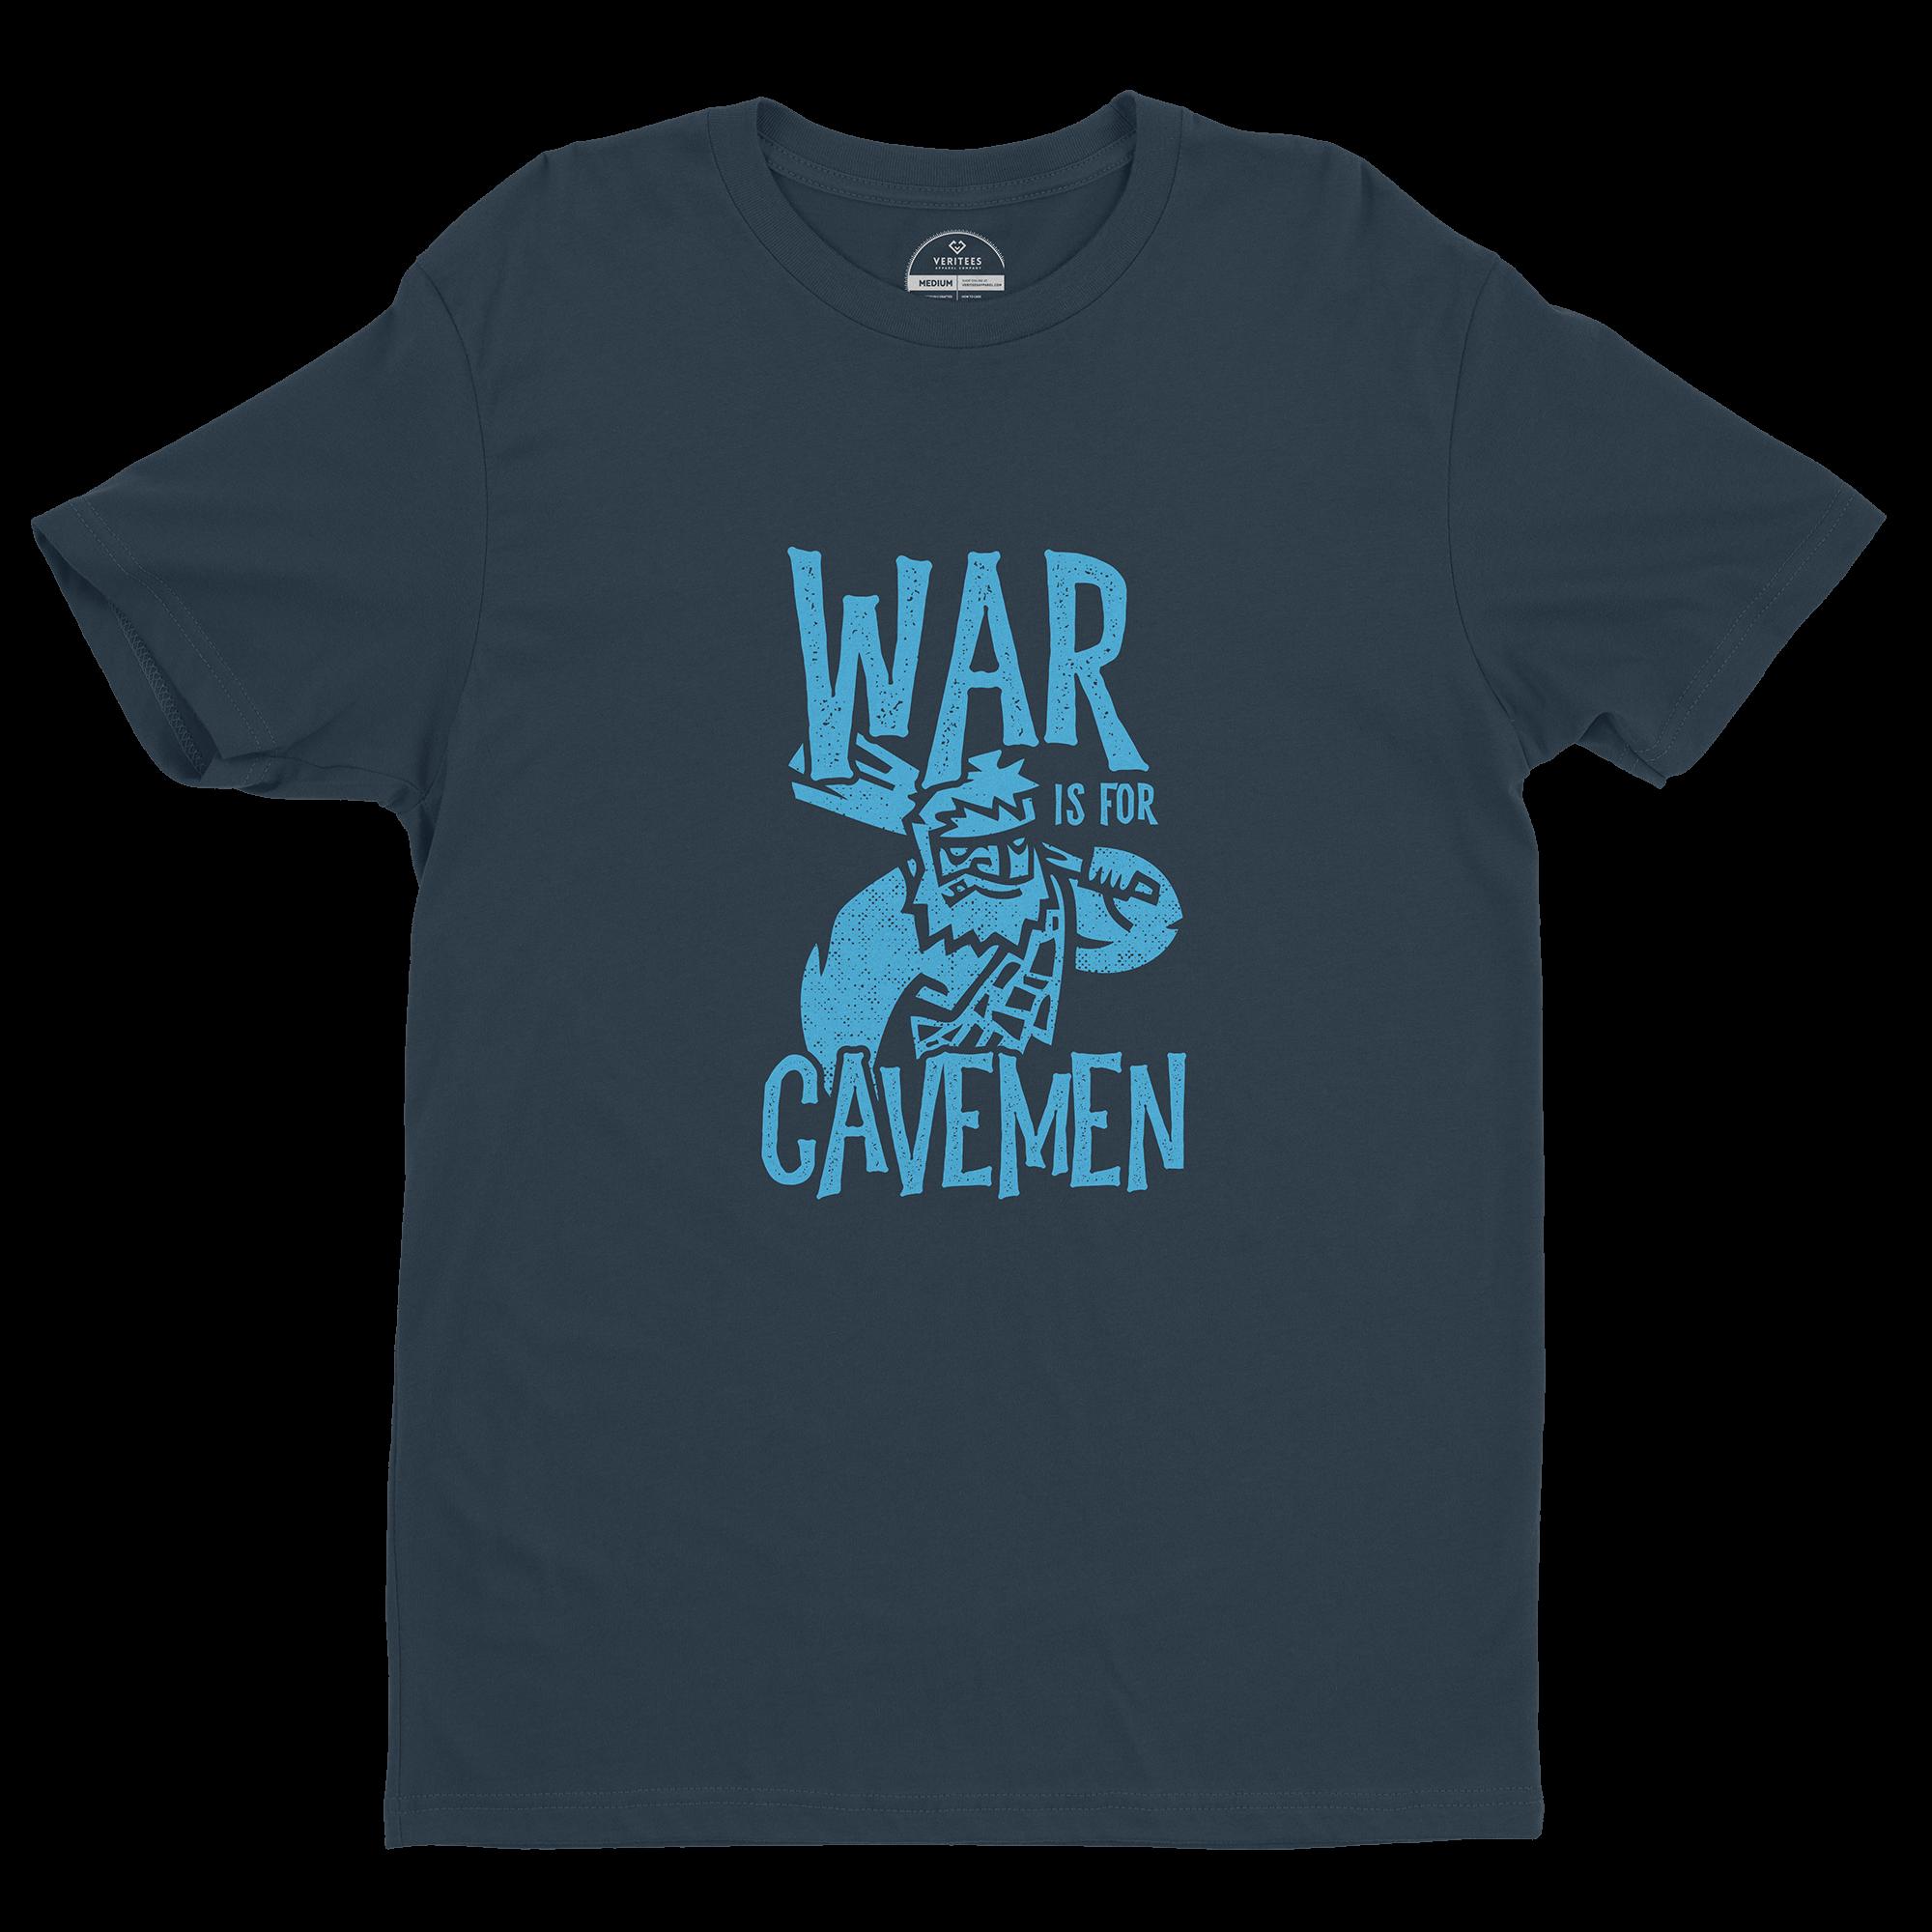 War is for Cavemen Tee conspiracy t-shirt